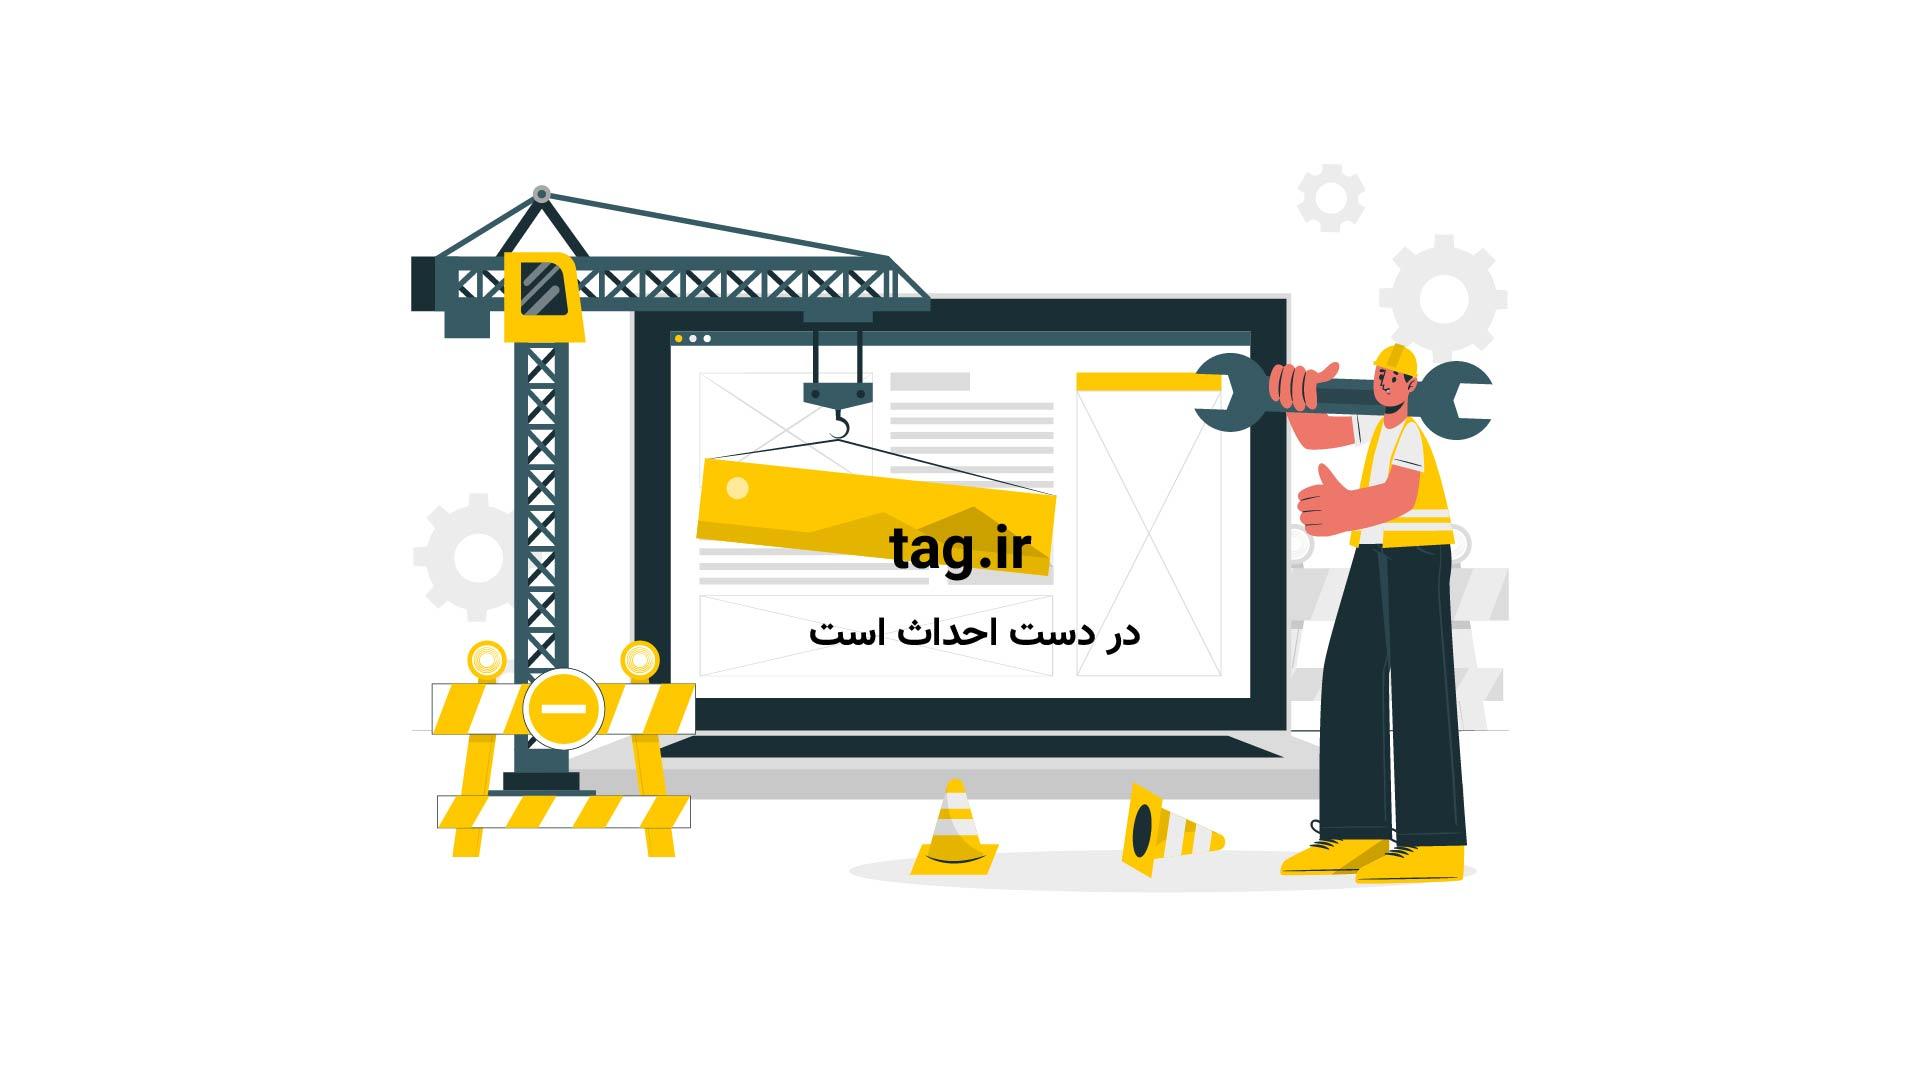 معرفی بازی موبایل تیراندازها و دزدان | فیلم